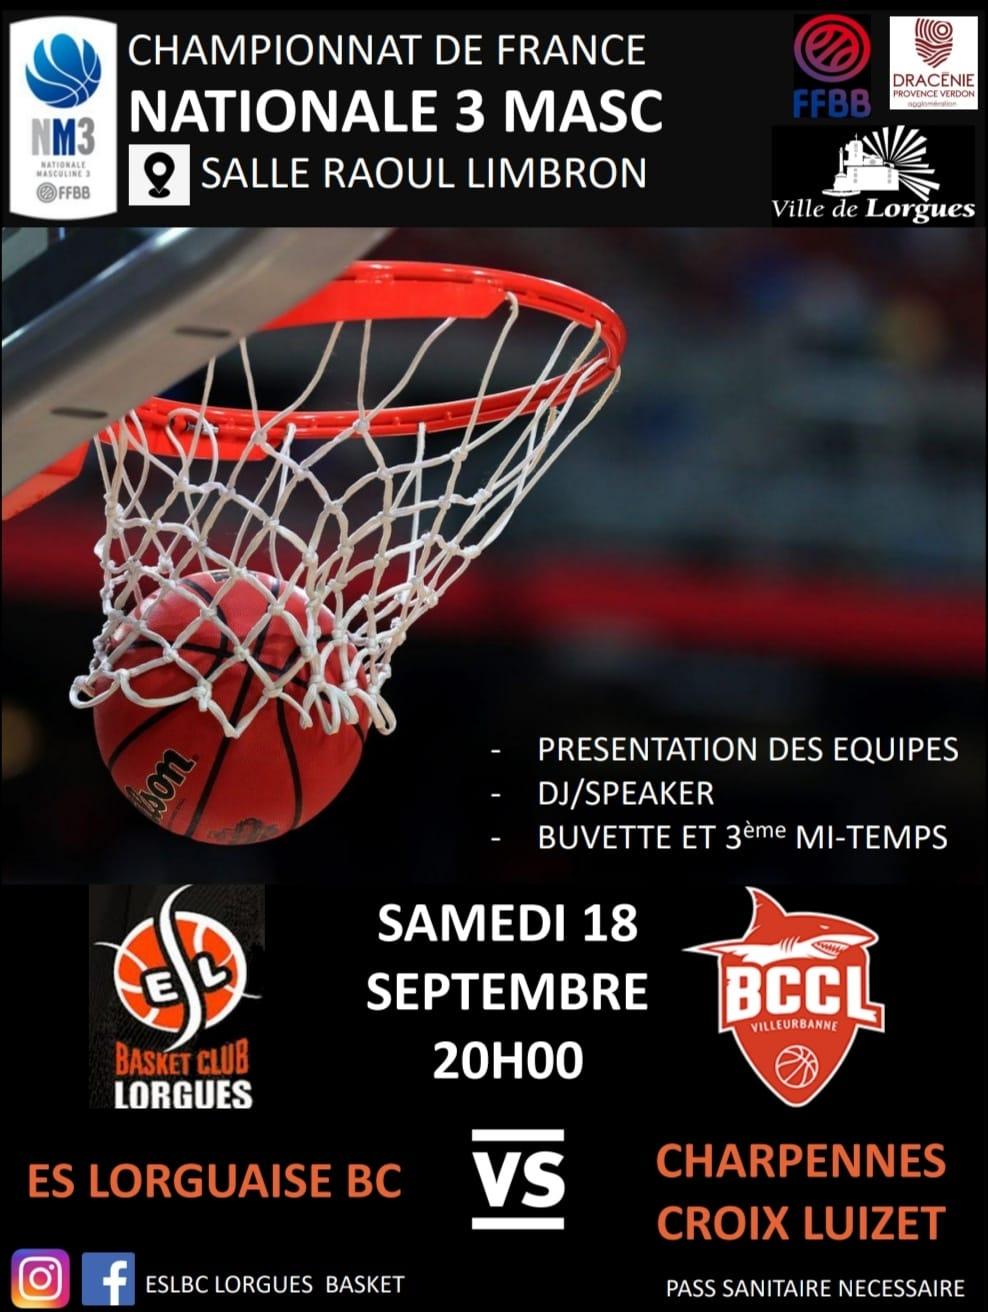 Championnat Basket Lorgues Villeurbanne 2021